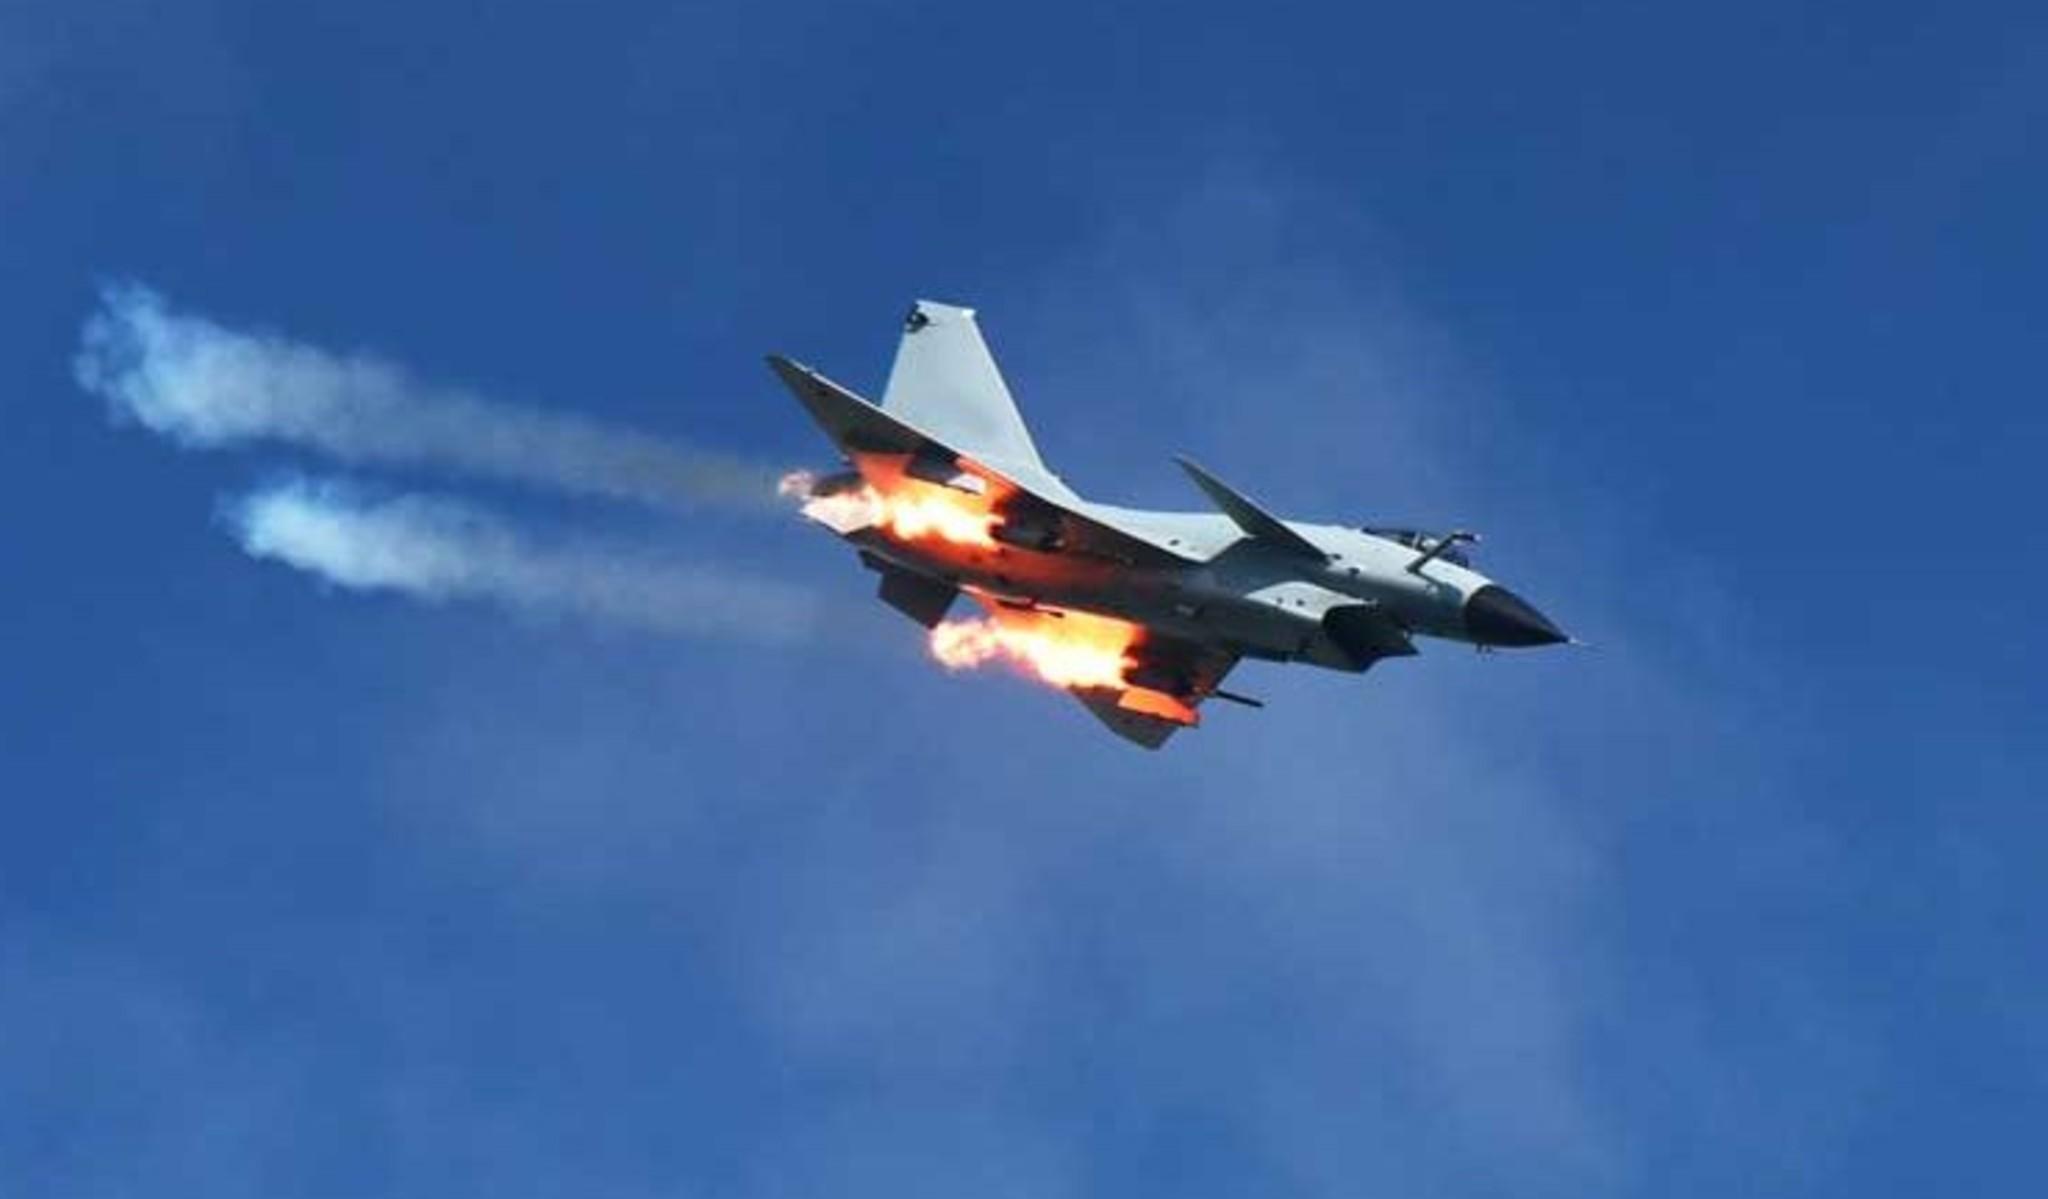 Հայկական ՀՕՊ ուժերը Արցախի հարավարևելյան ուղղությամբ ժամը 12:15-ին խոցել են հակառակորդի ինքնաթիռ. Շուշան Ստեփանյան